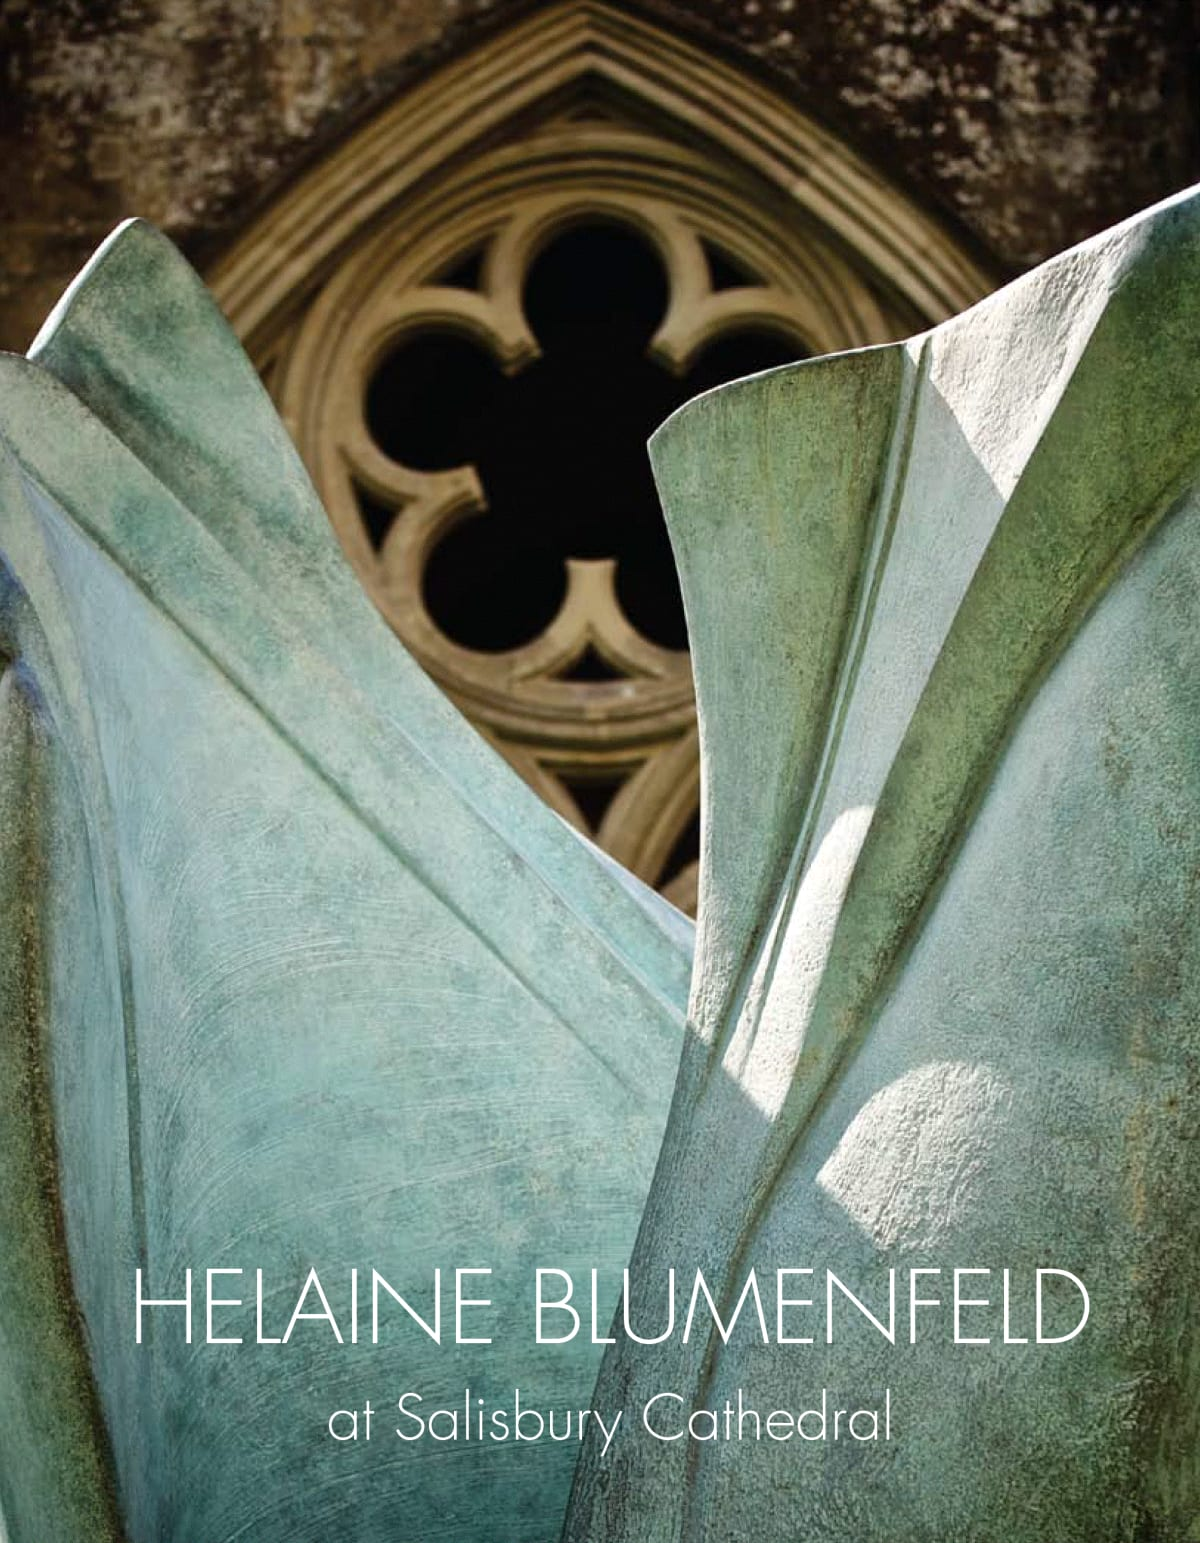 Helaine Blumenfeld